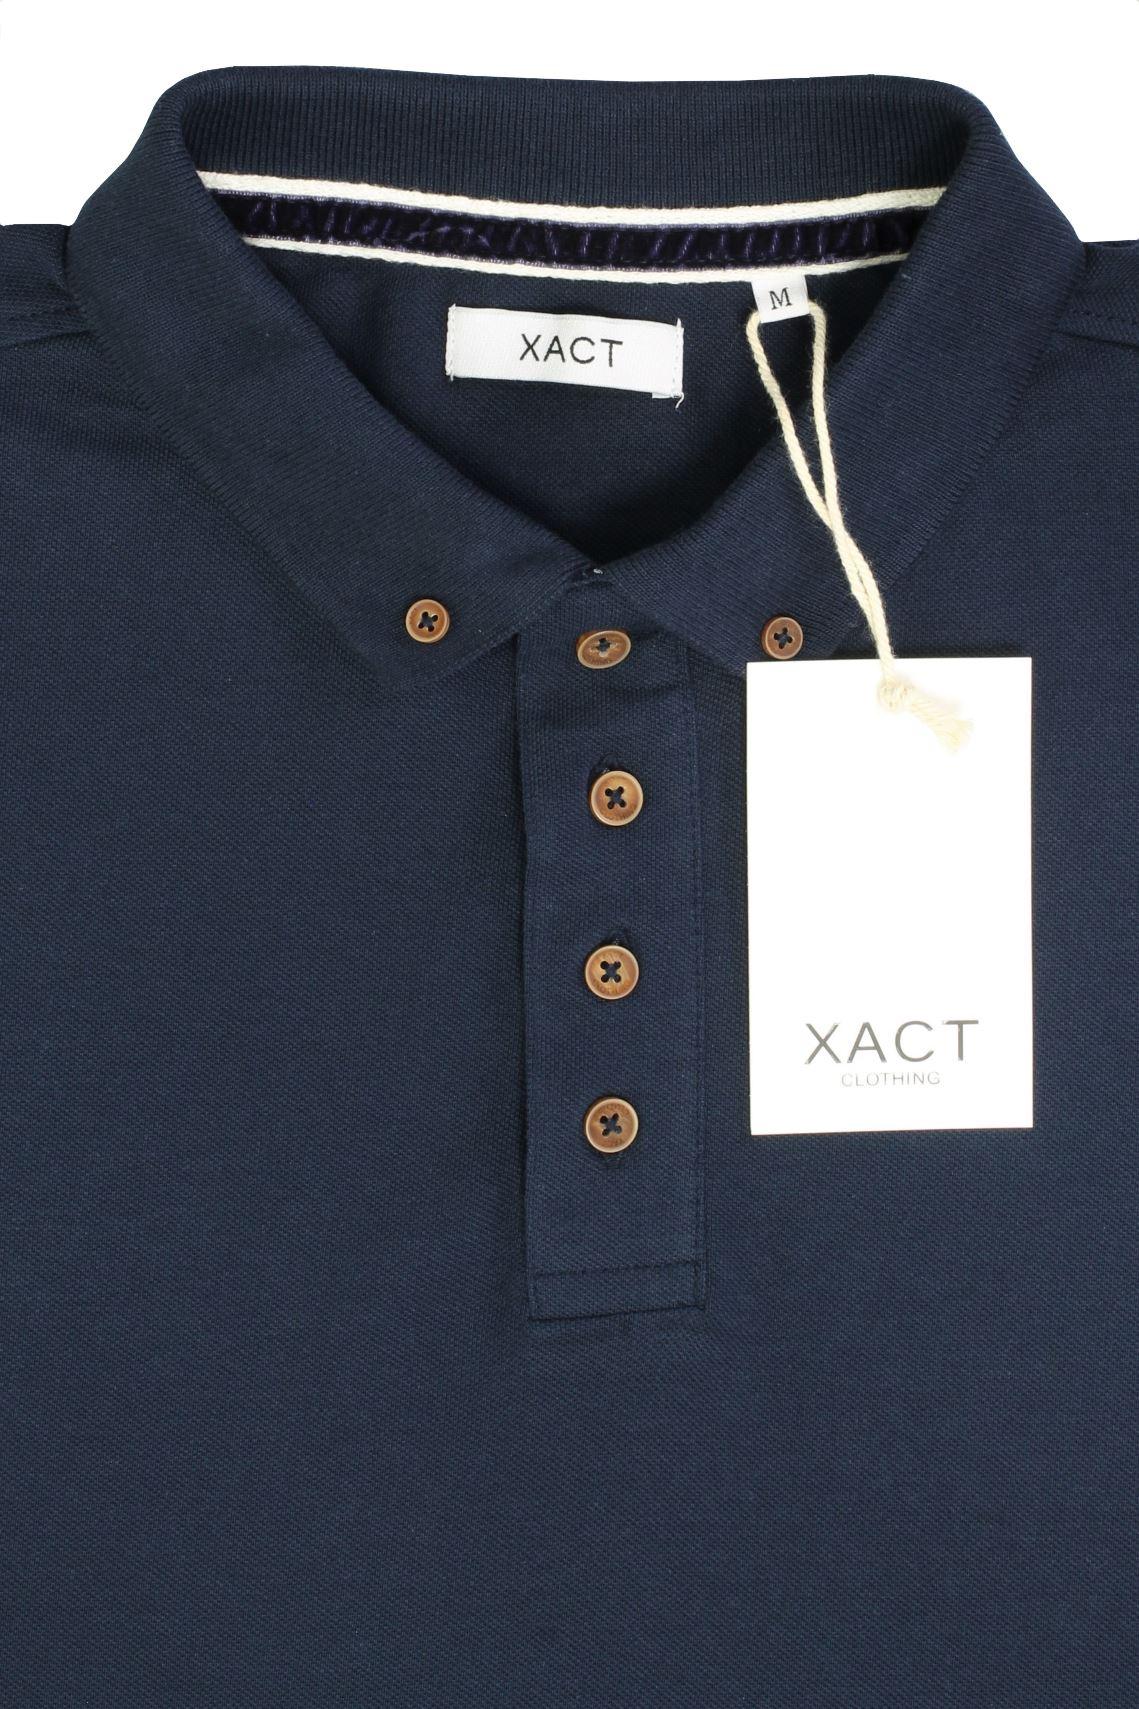 Camiseta-Polo-Para-Hombre-Por-Xact-pique-de-manga-larga miniatura 14